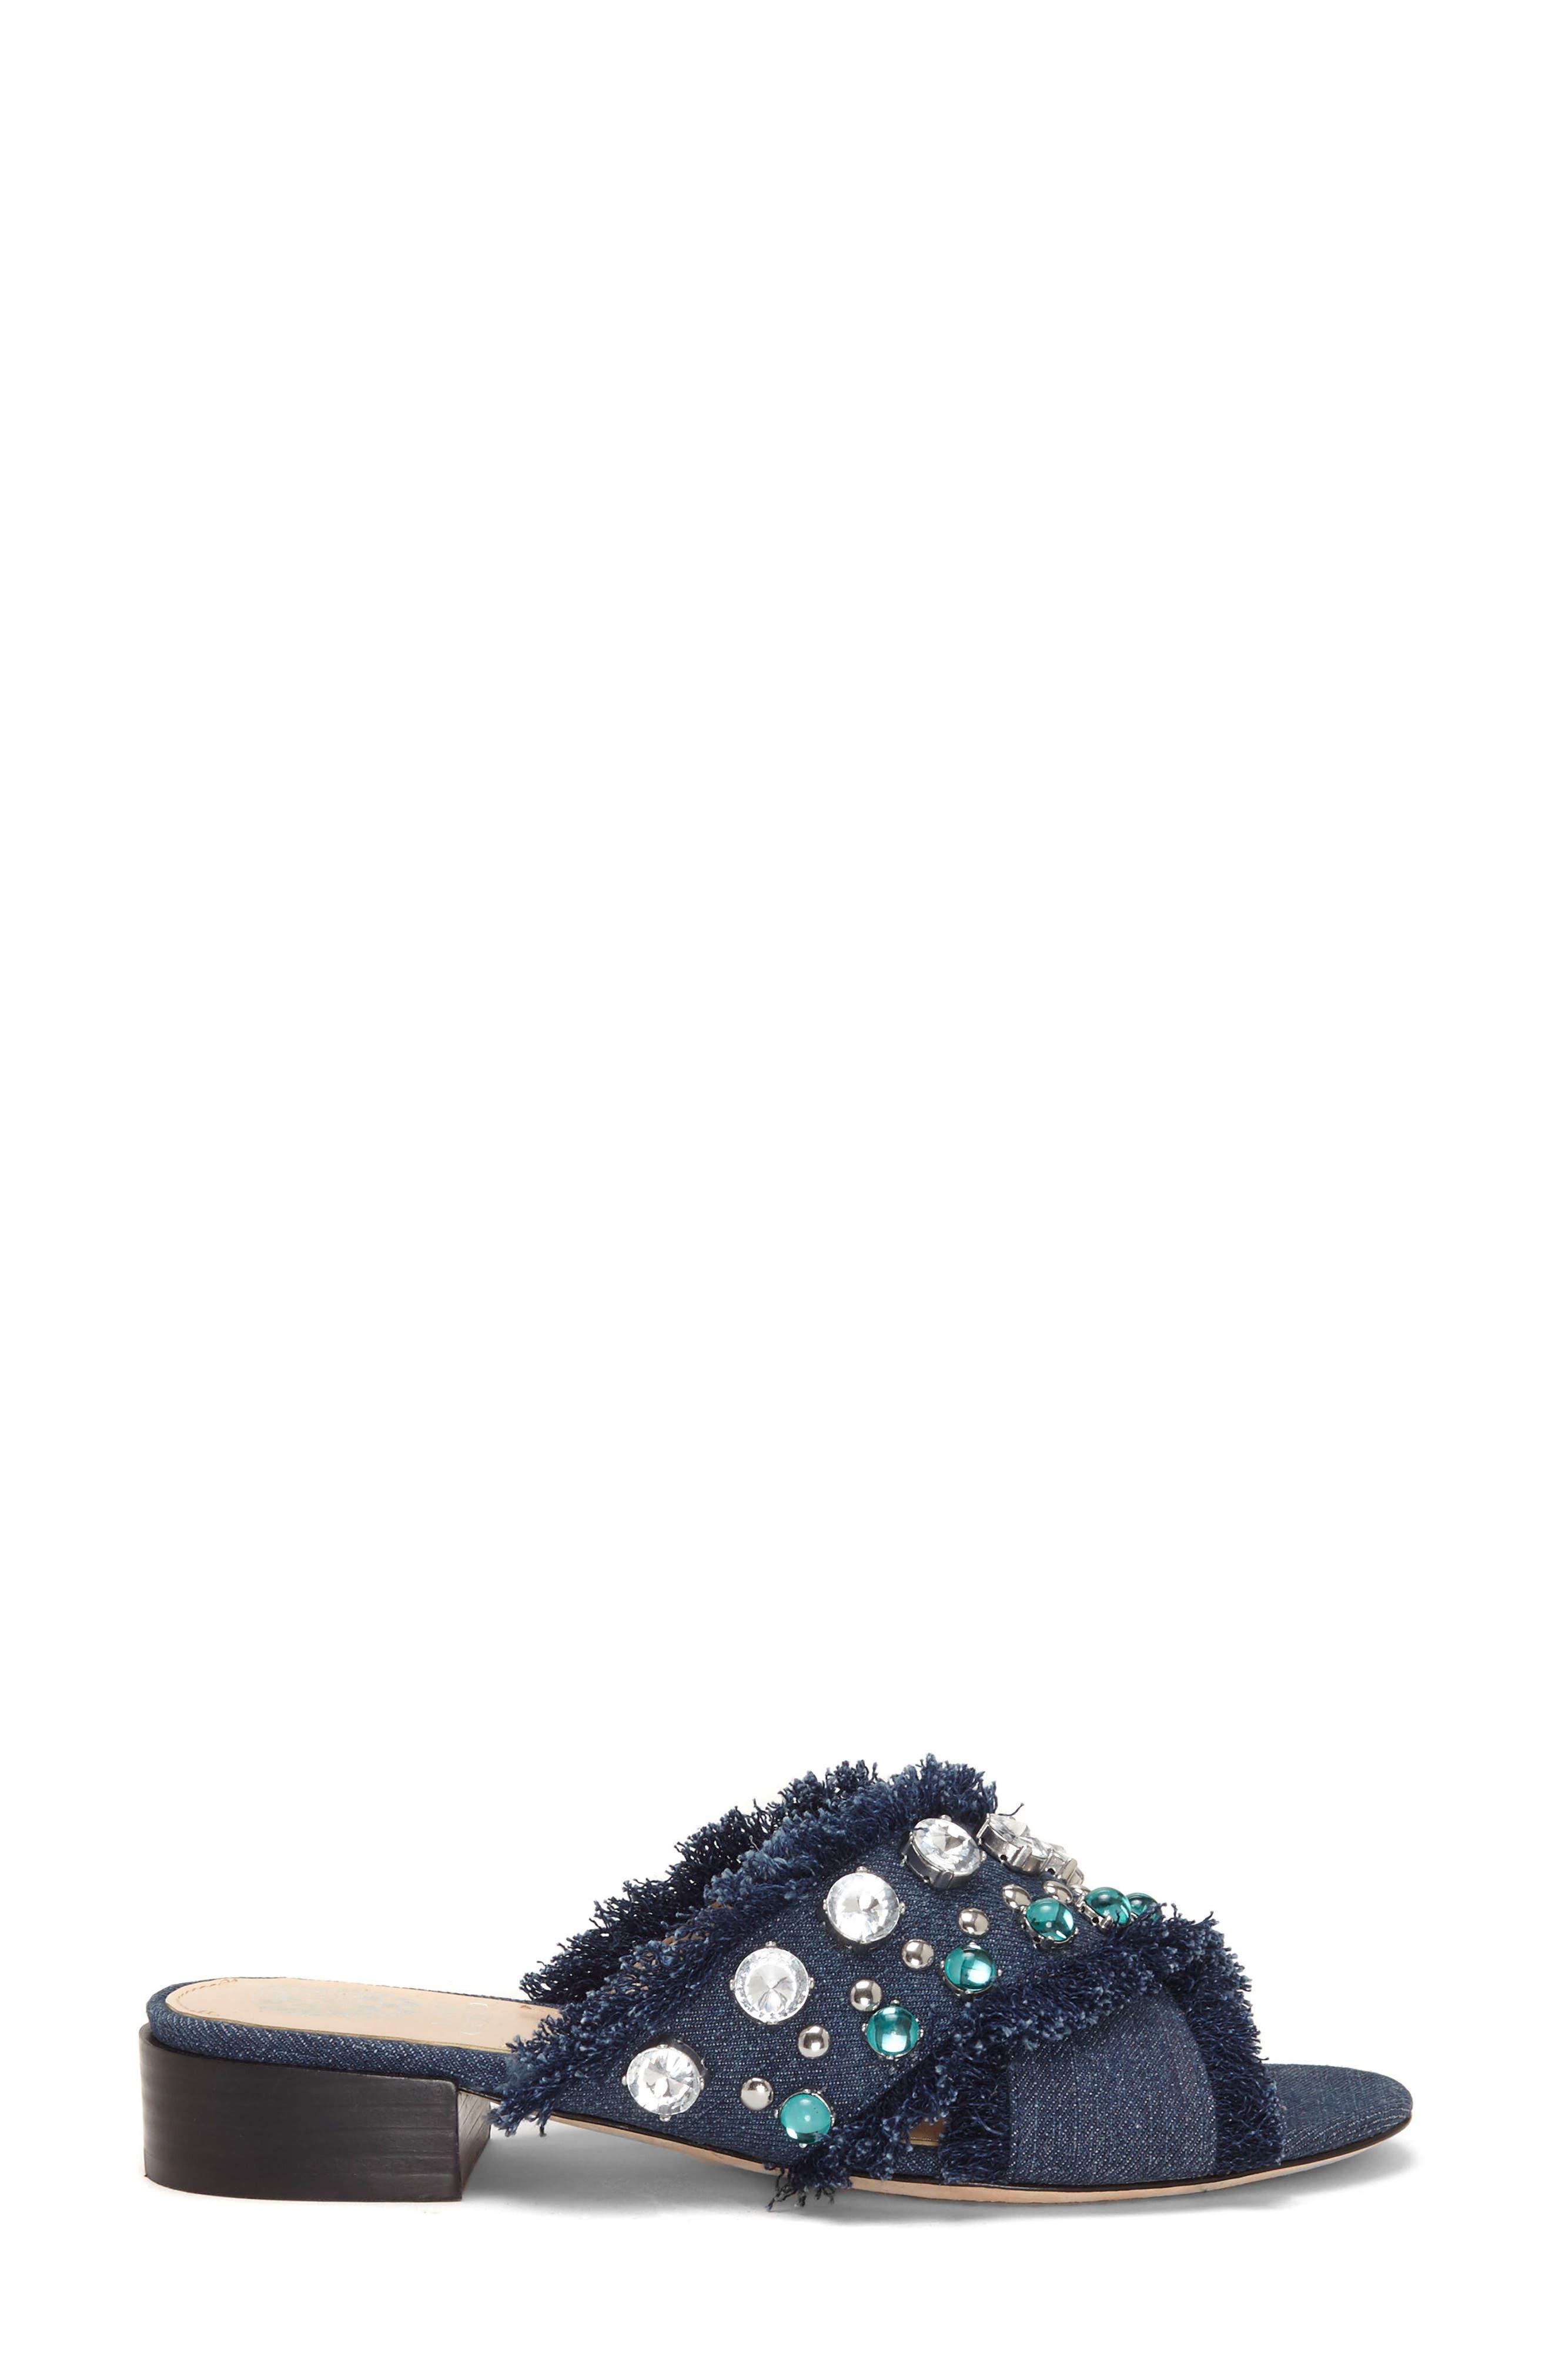 Noritta Slide Sandal,                             Alternate thumbnail 3, color,                             Denim